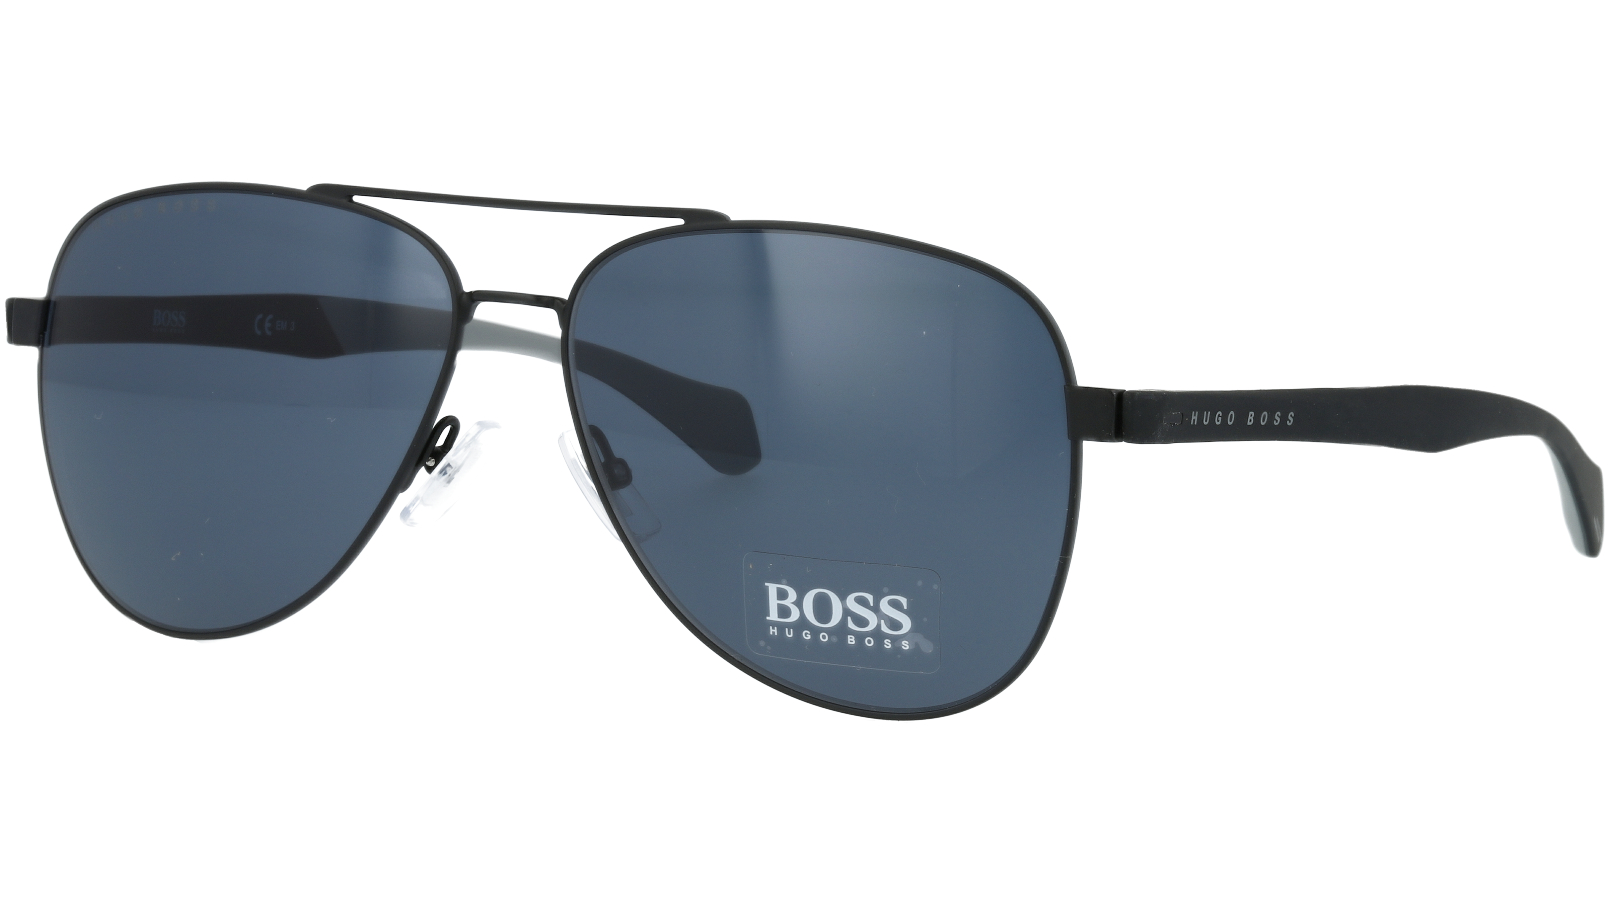 HUGO BOSS BOSS1077S SVKM9 60 RUTHSMT Sunglasses